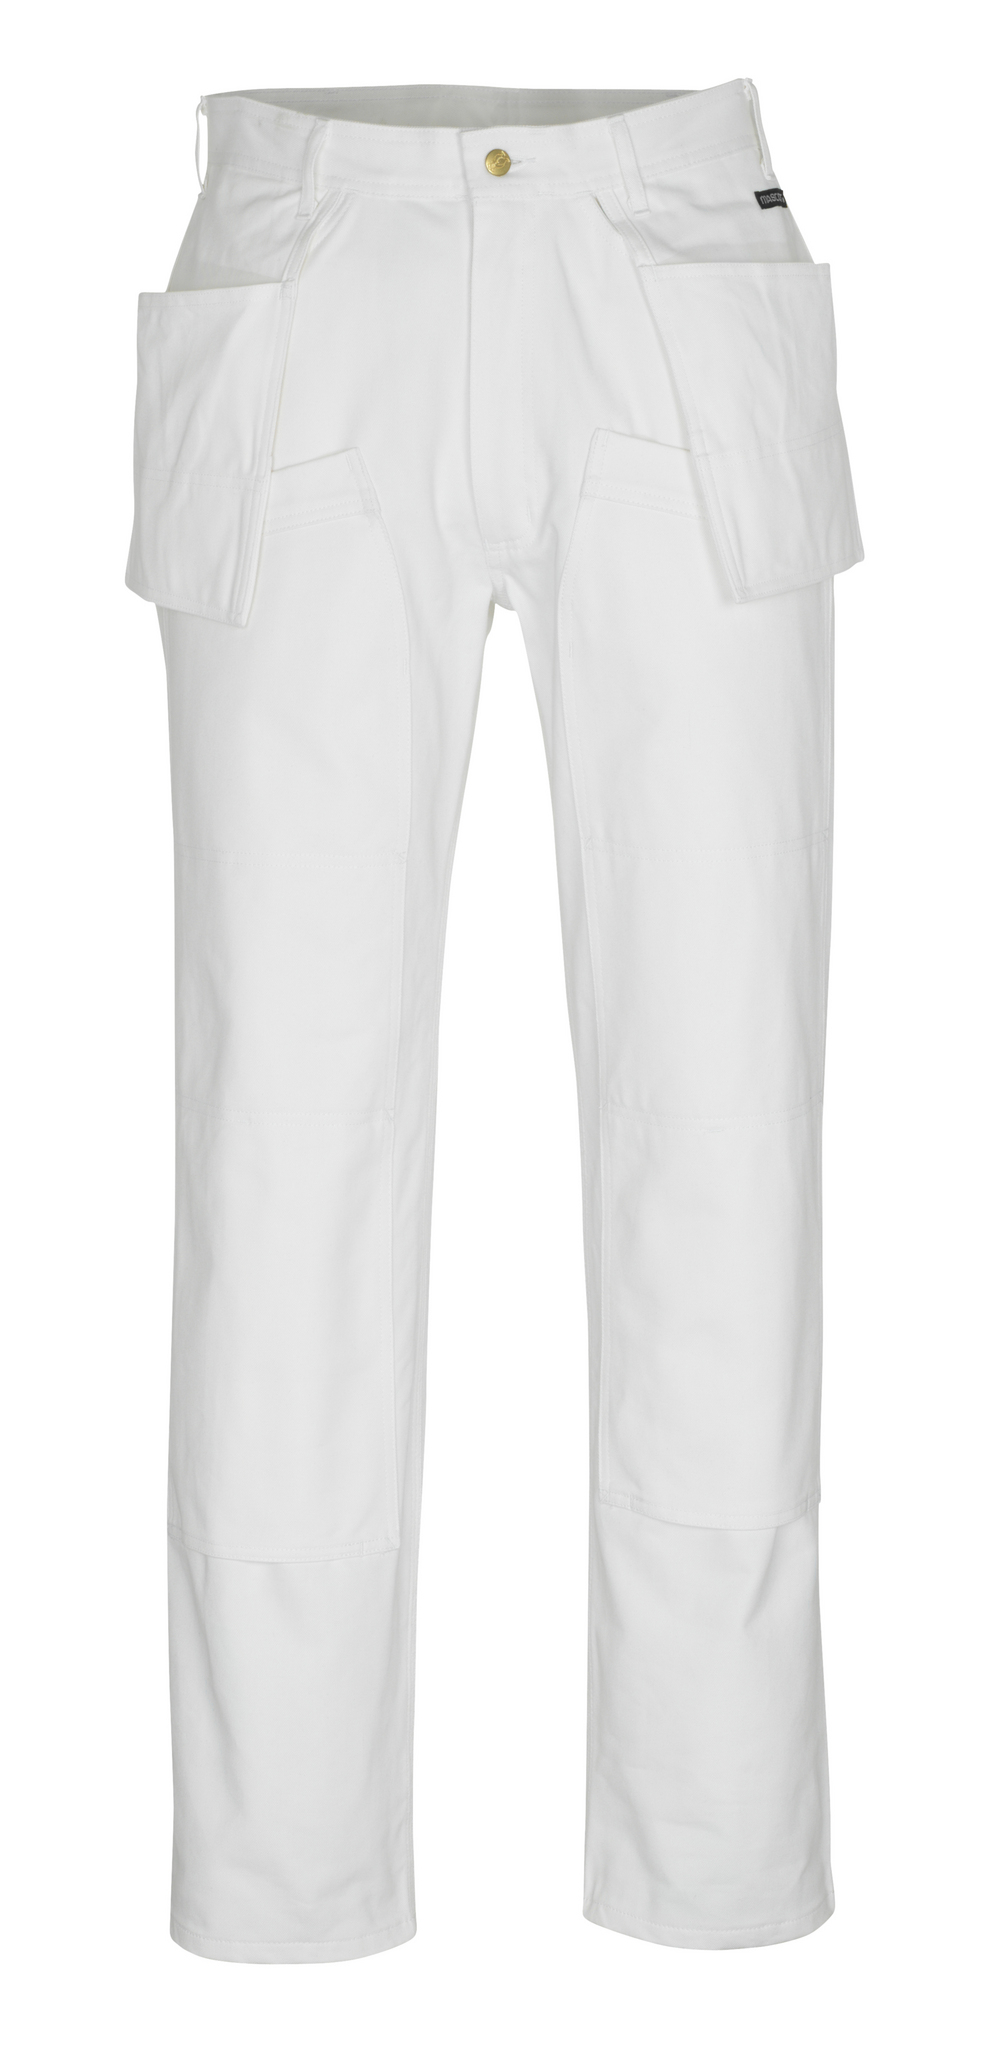 00538-630-06 Pantalones con bolsillos para rodilleras y bolsillos tipo funda - blanco